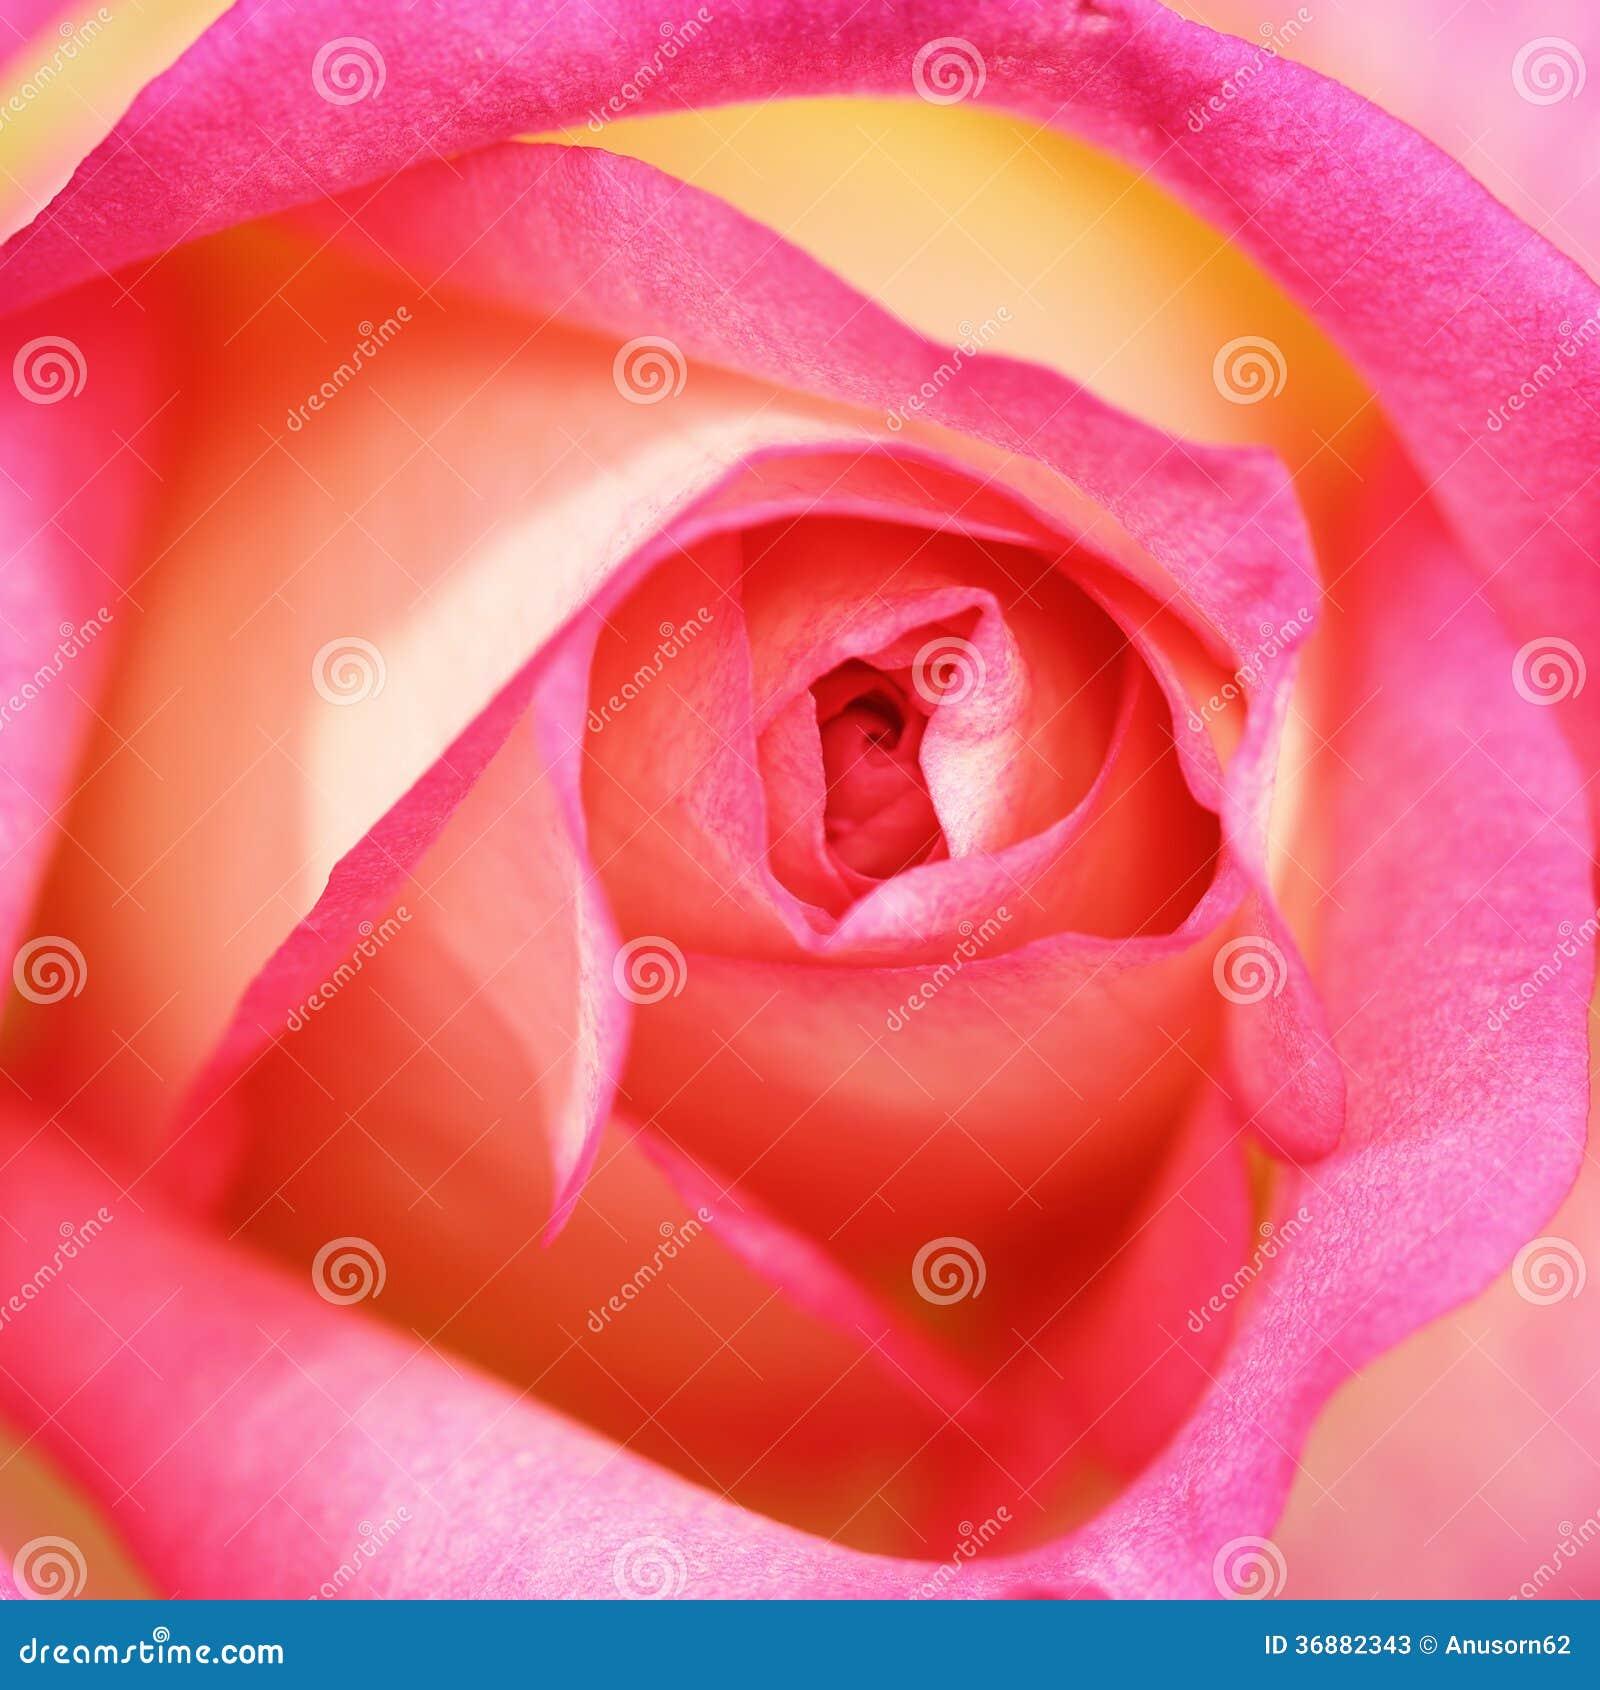 Download Rosa di rosa immagine stock. Immagine di morbido, nave - 36882343